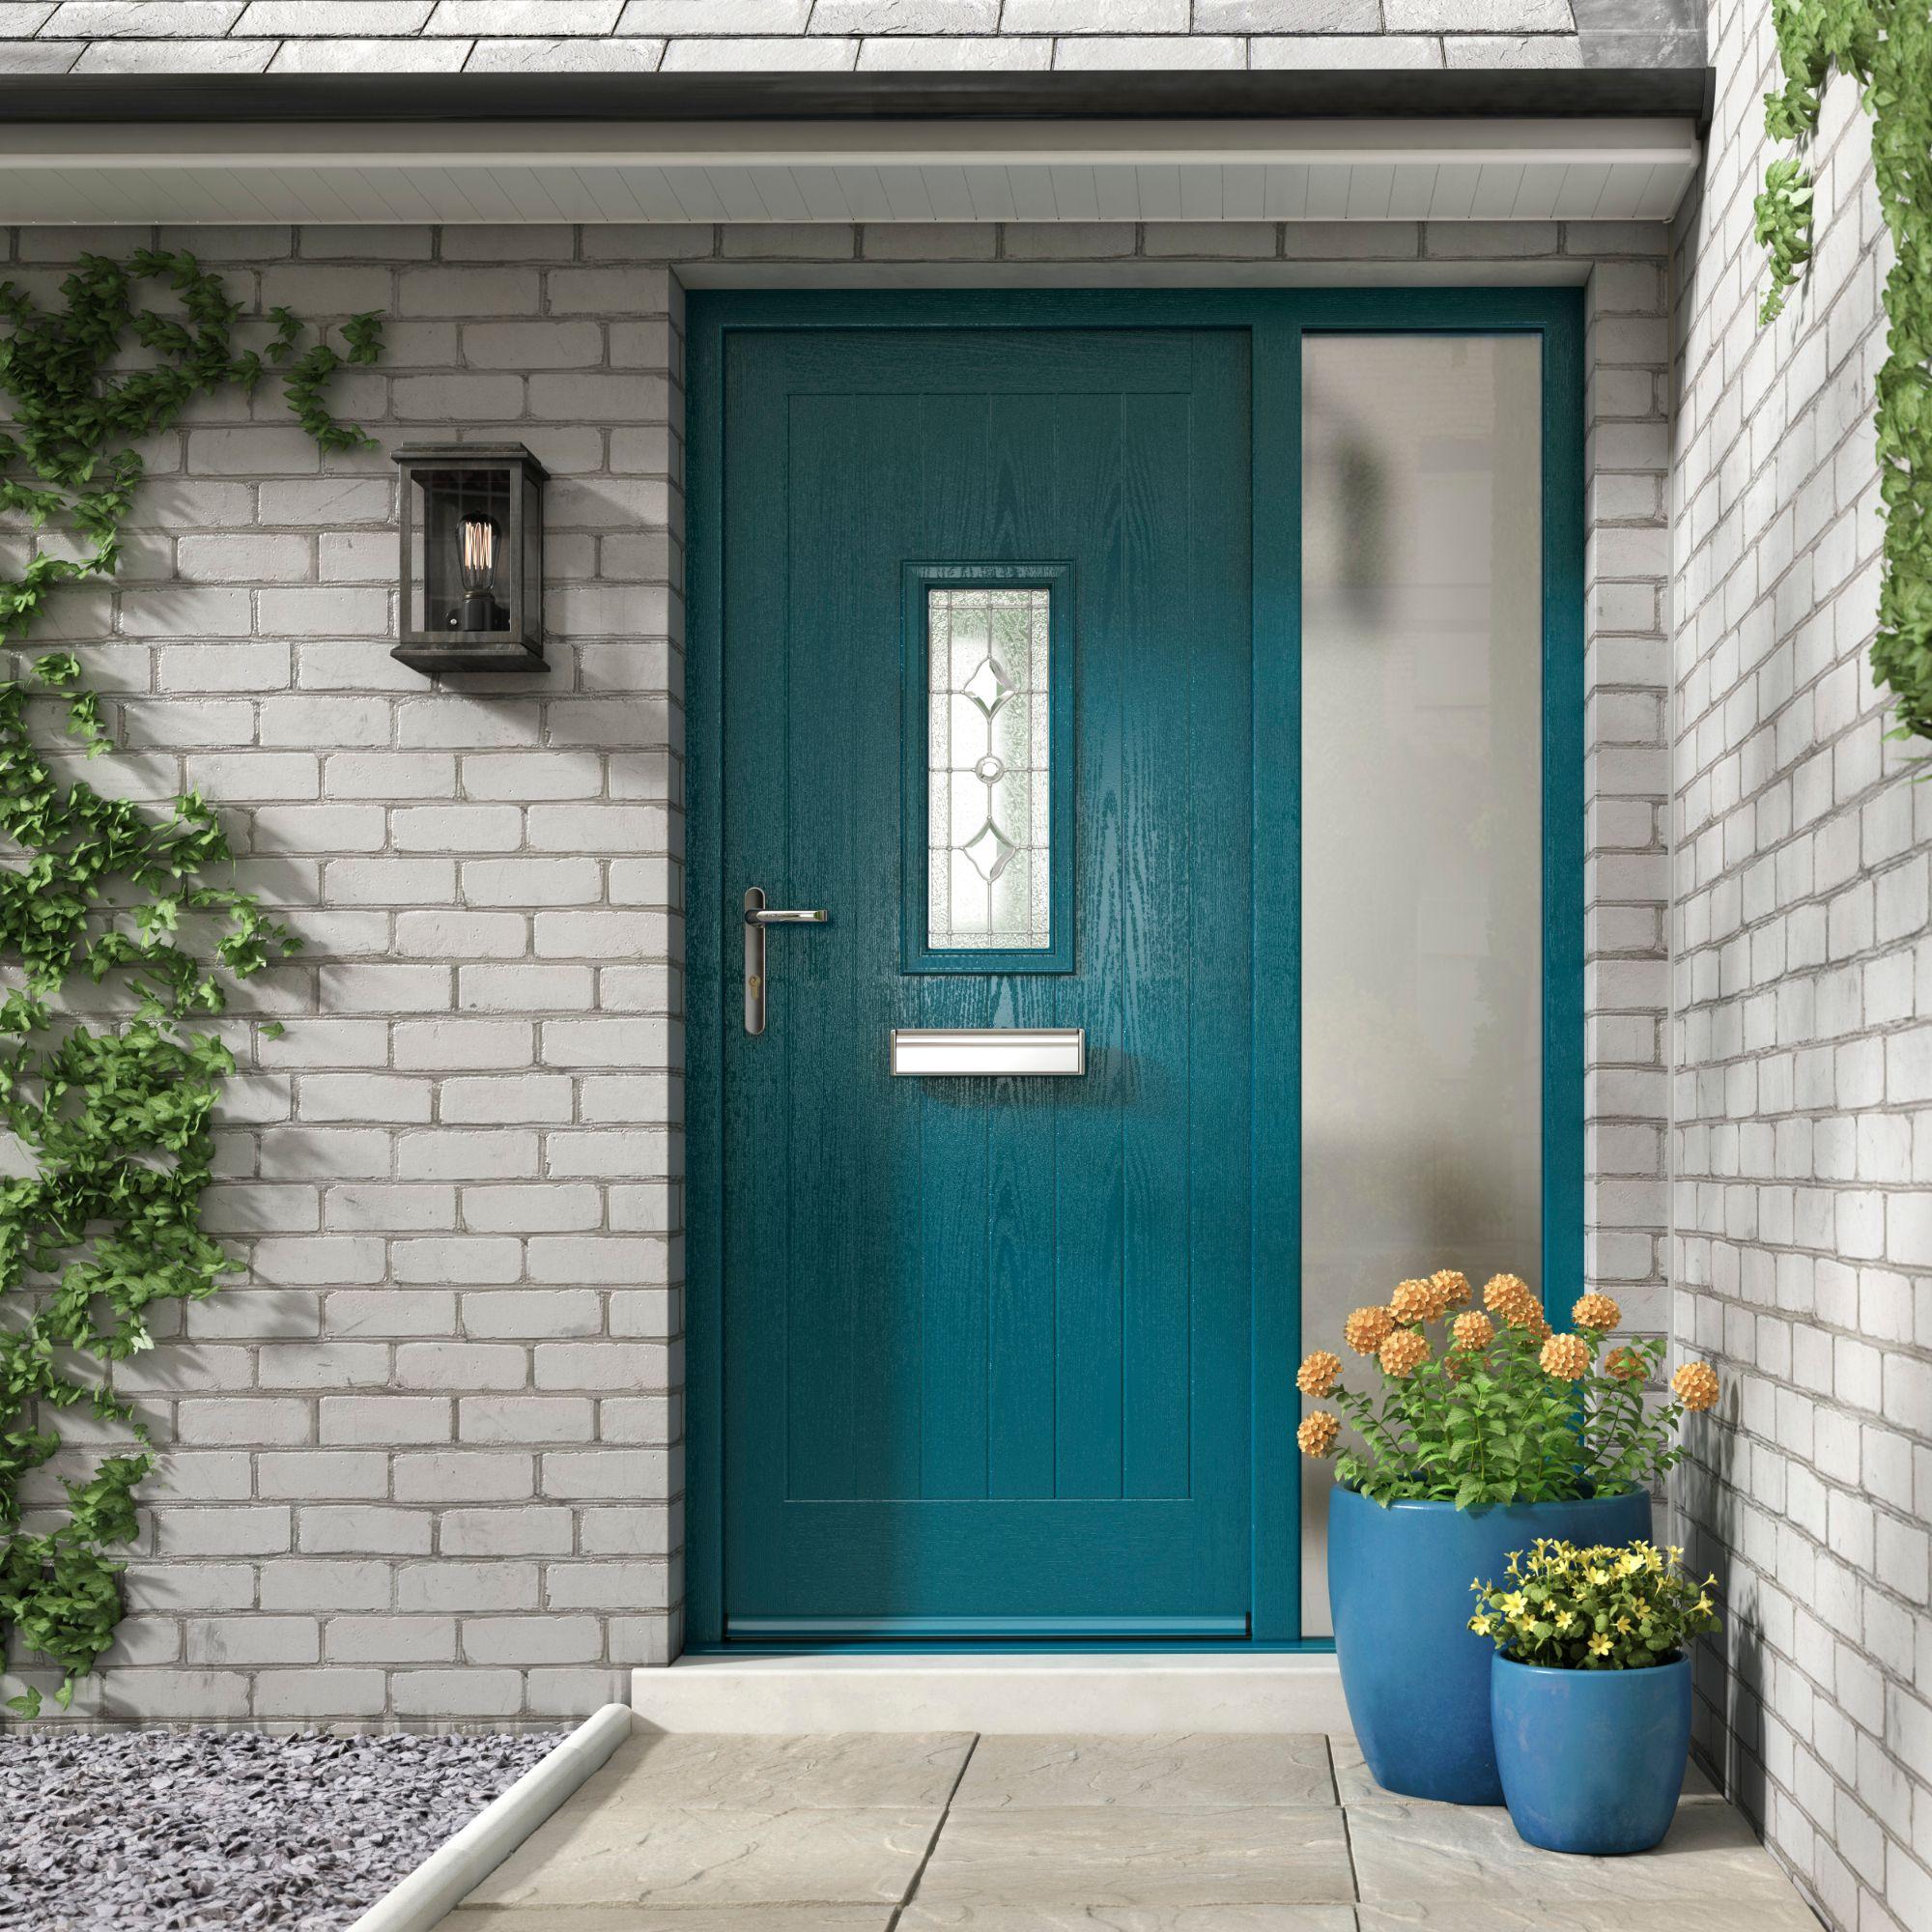 How to Clean Composite Door